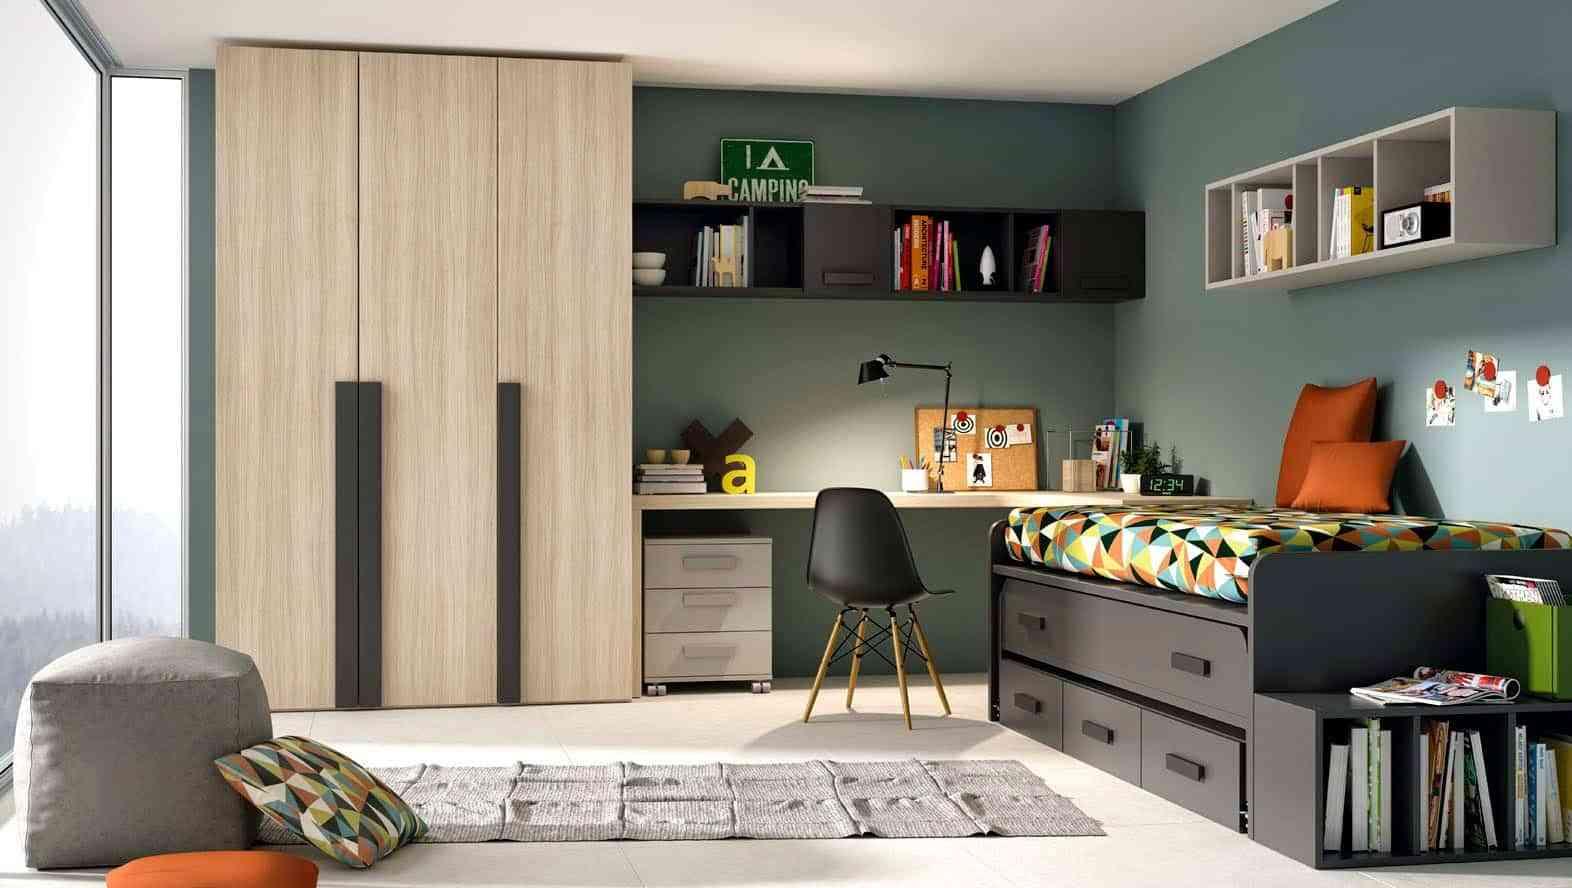 dormitorios juveniles de dise o moderno a los que no podr